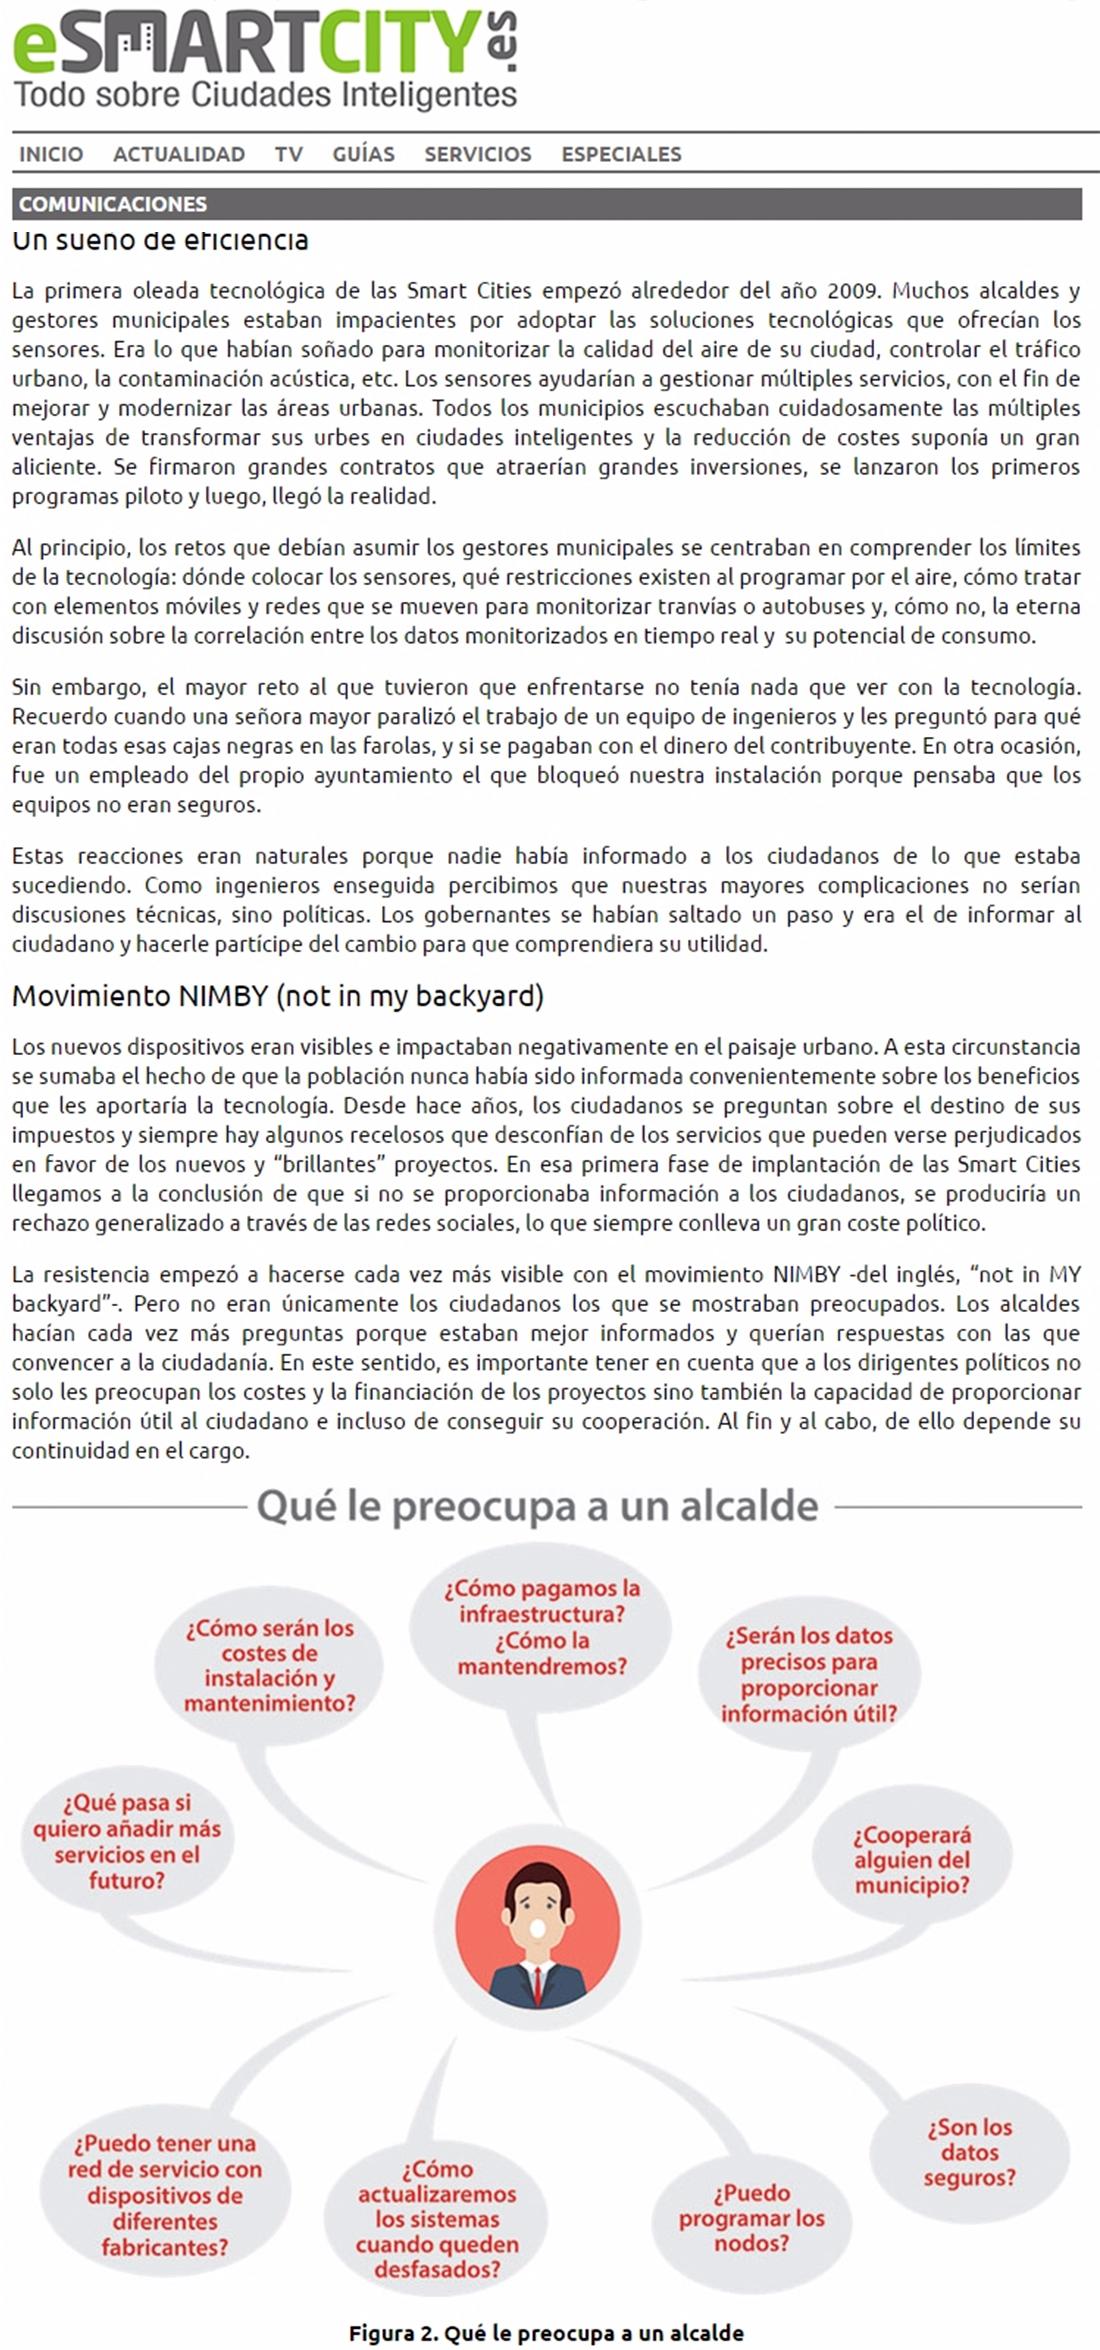 Esmartcity.es – II Congreso Ciudades Inteligentes